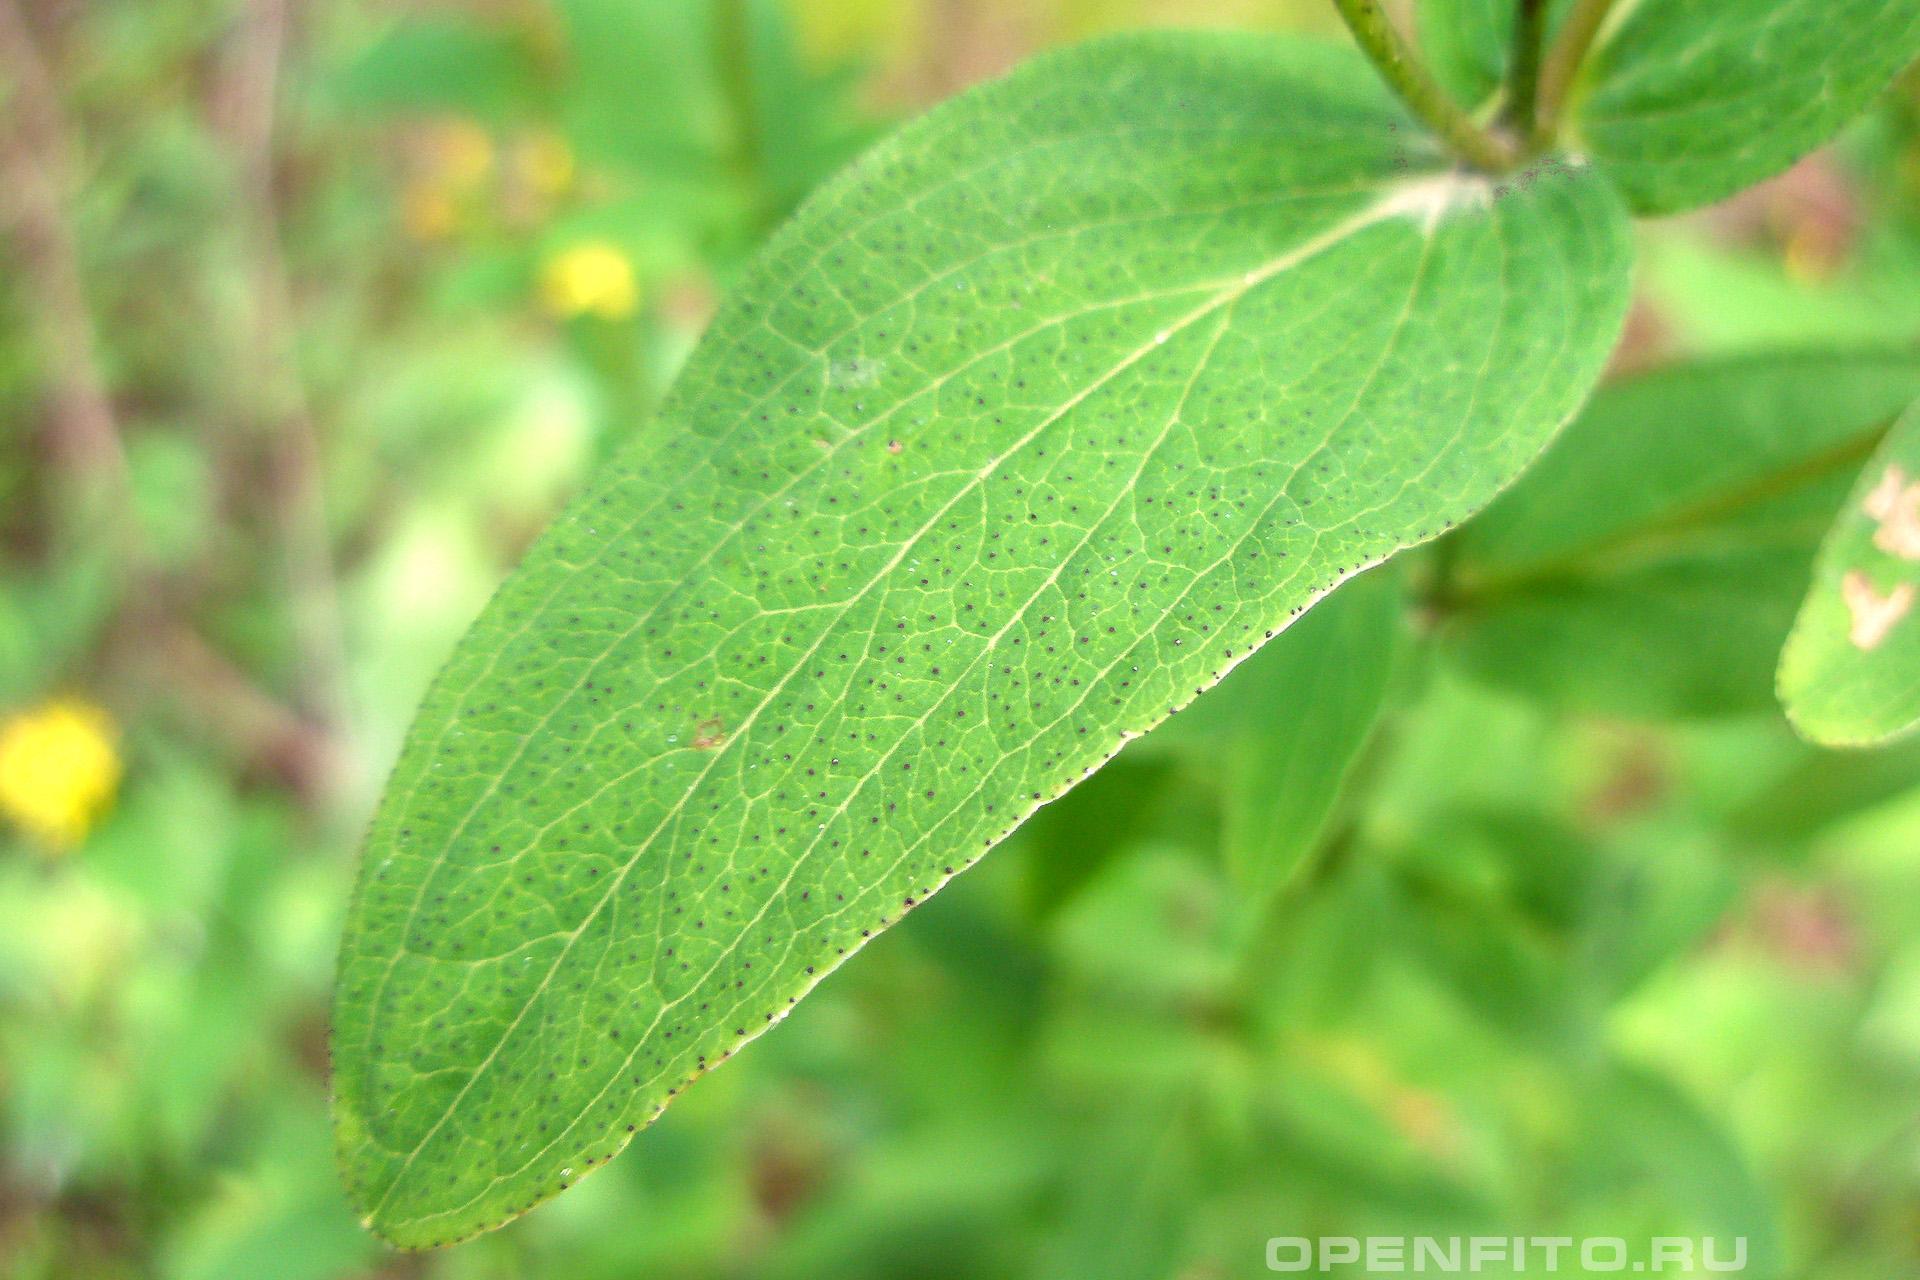 Зверобой продырявленый лист покрытый маленькими пигментными пятнами